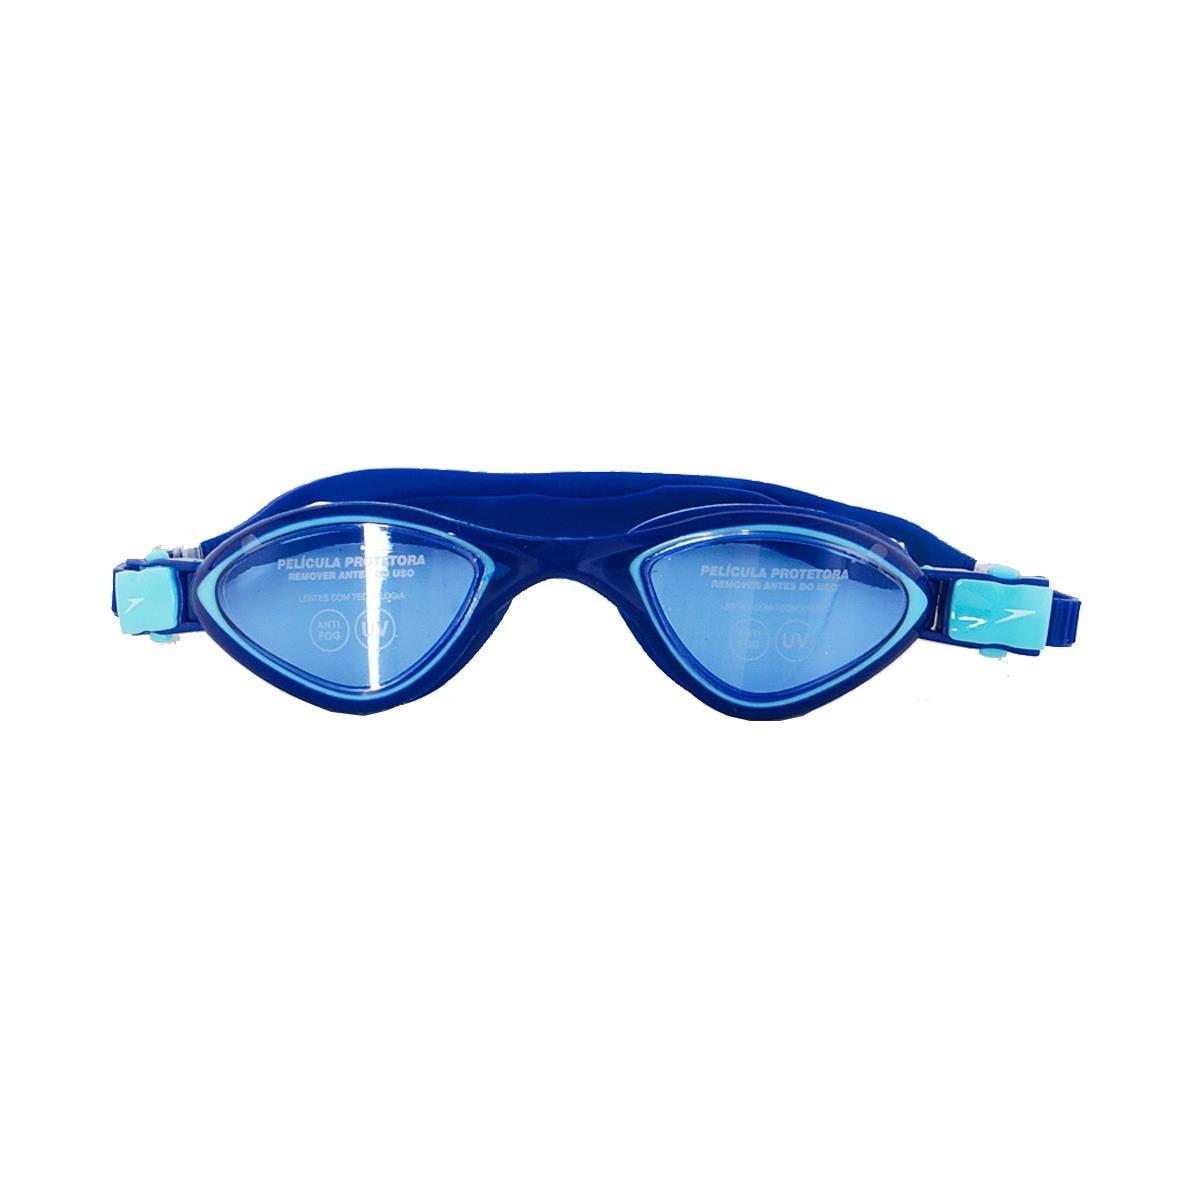 2afb74a08053e Óculos De Natação Speedo Avatar - Azul Marinho - R  113,39 em ...